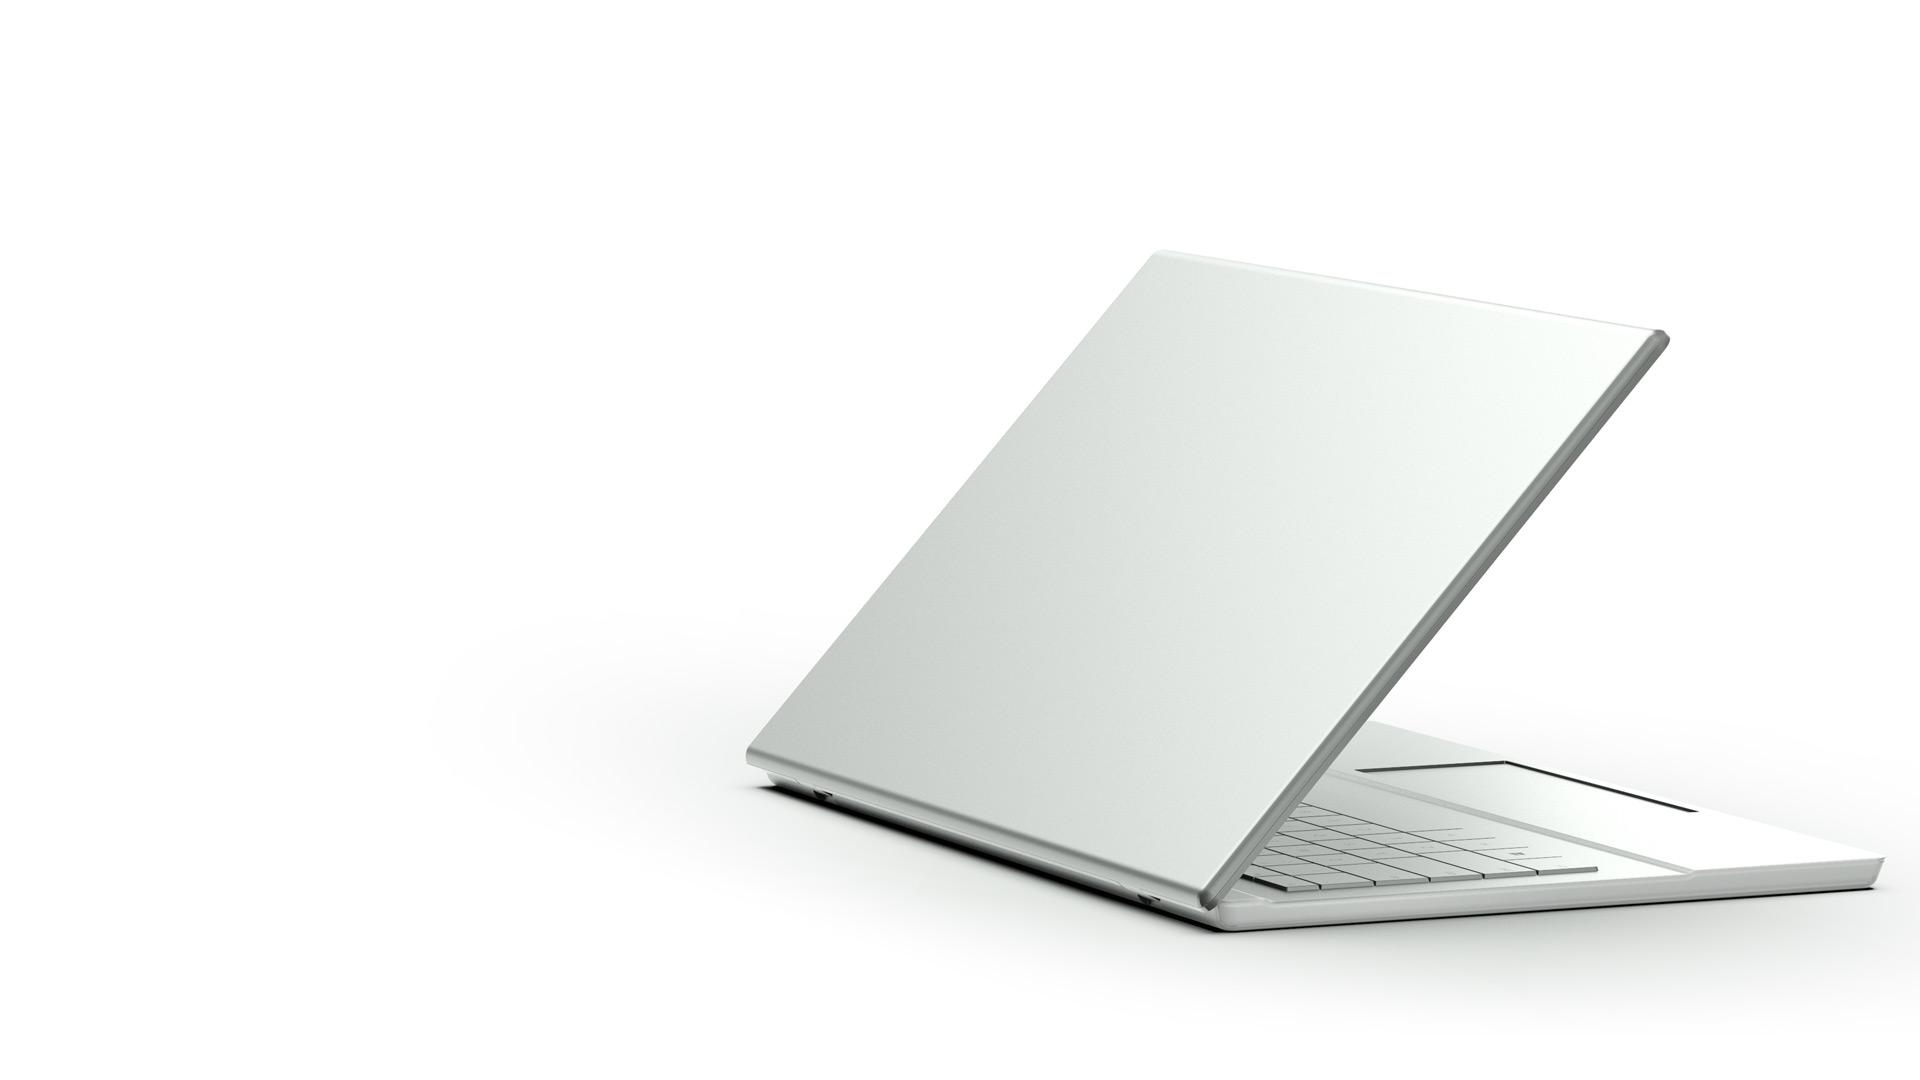 Die Rückseite eines geöffneten Windows 10-Laptops